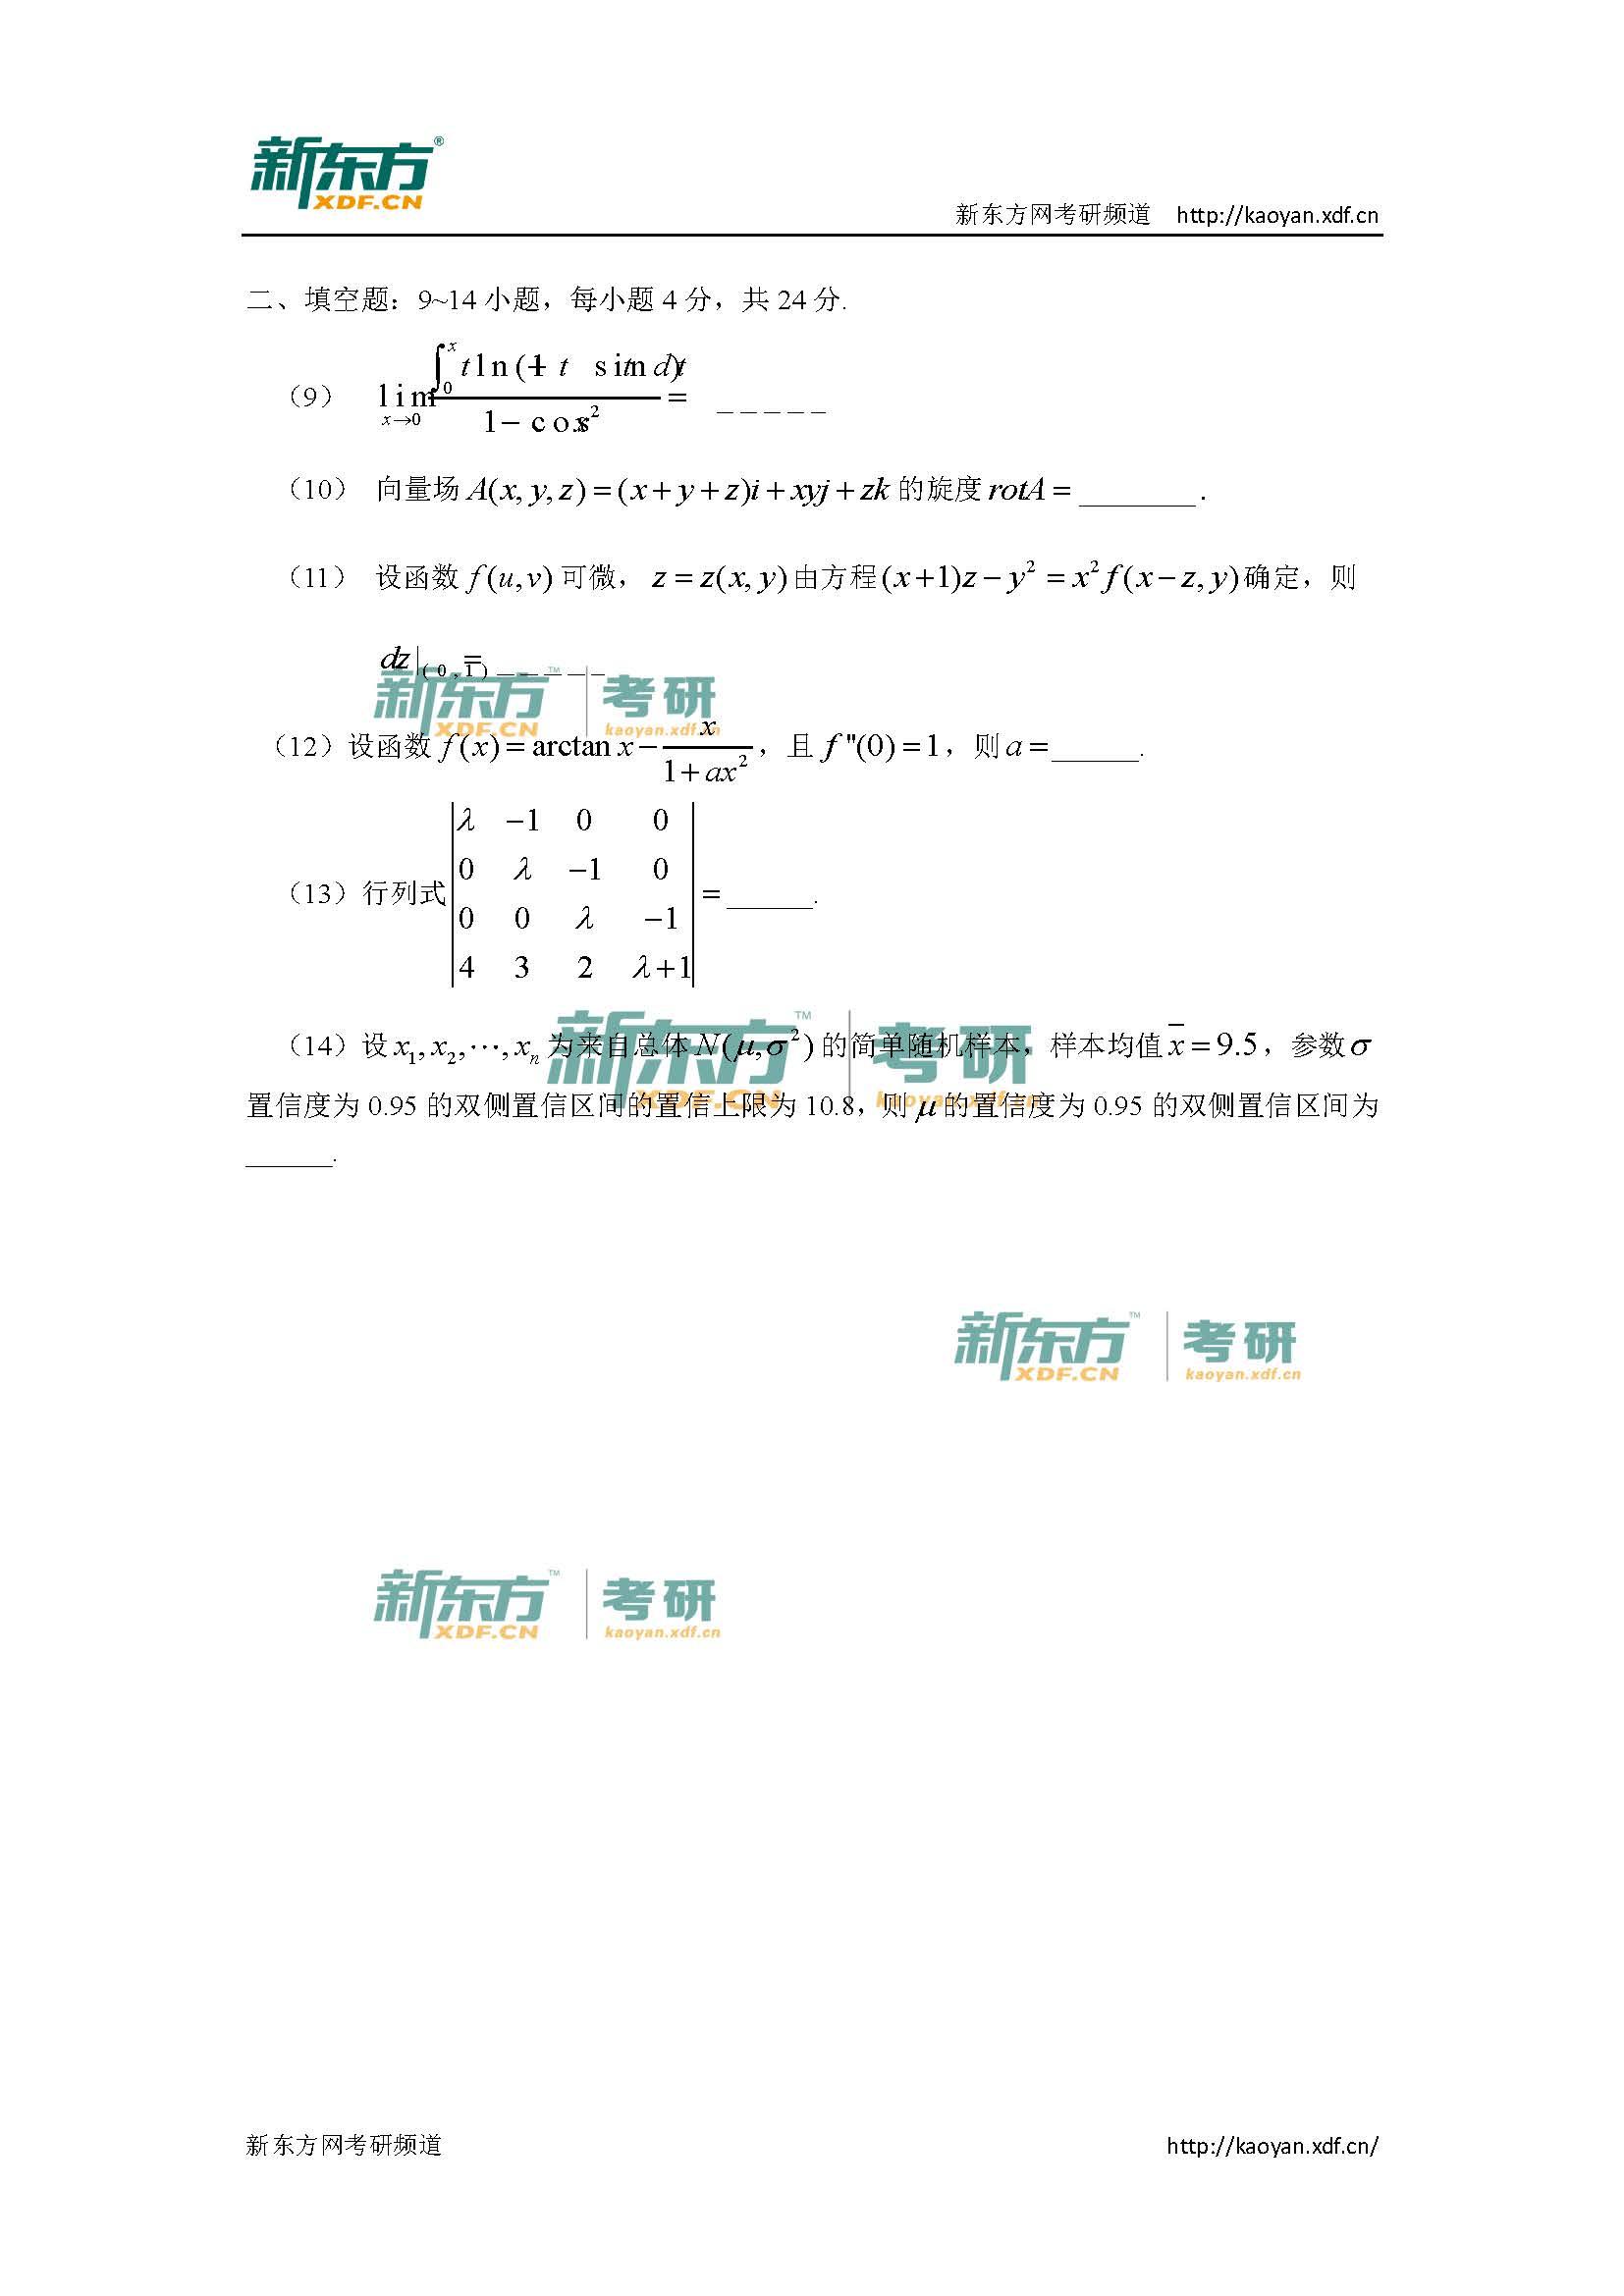 2016考研数学试题完整版(新东方)